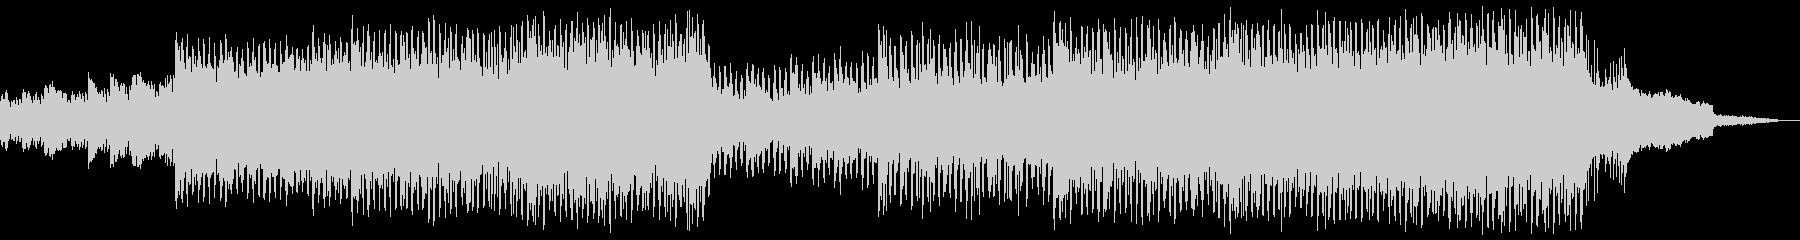 現代的 交響曲 ほのぼの 幸せ お...の未再生の波形